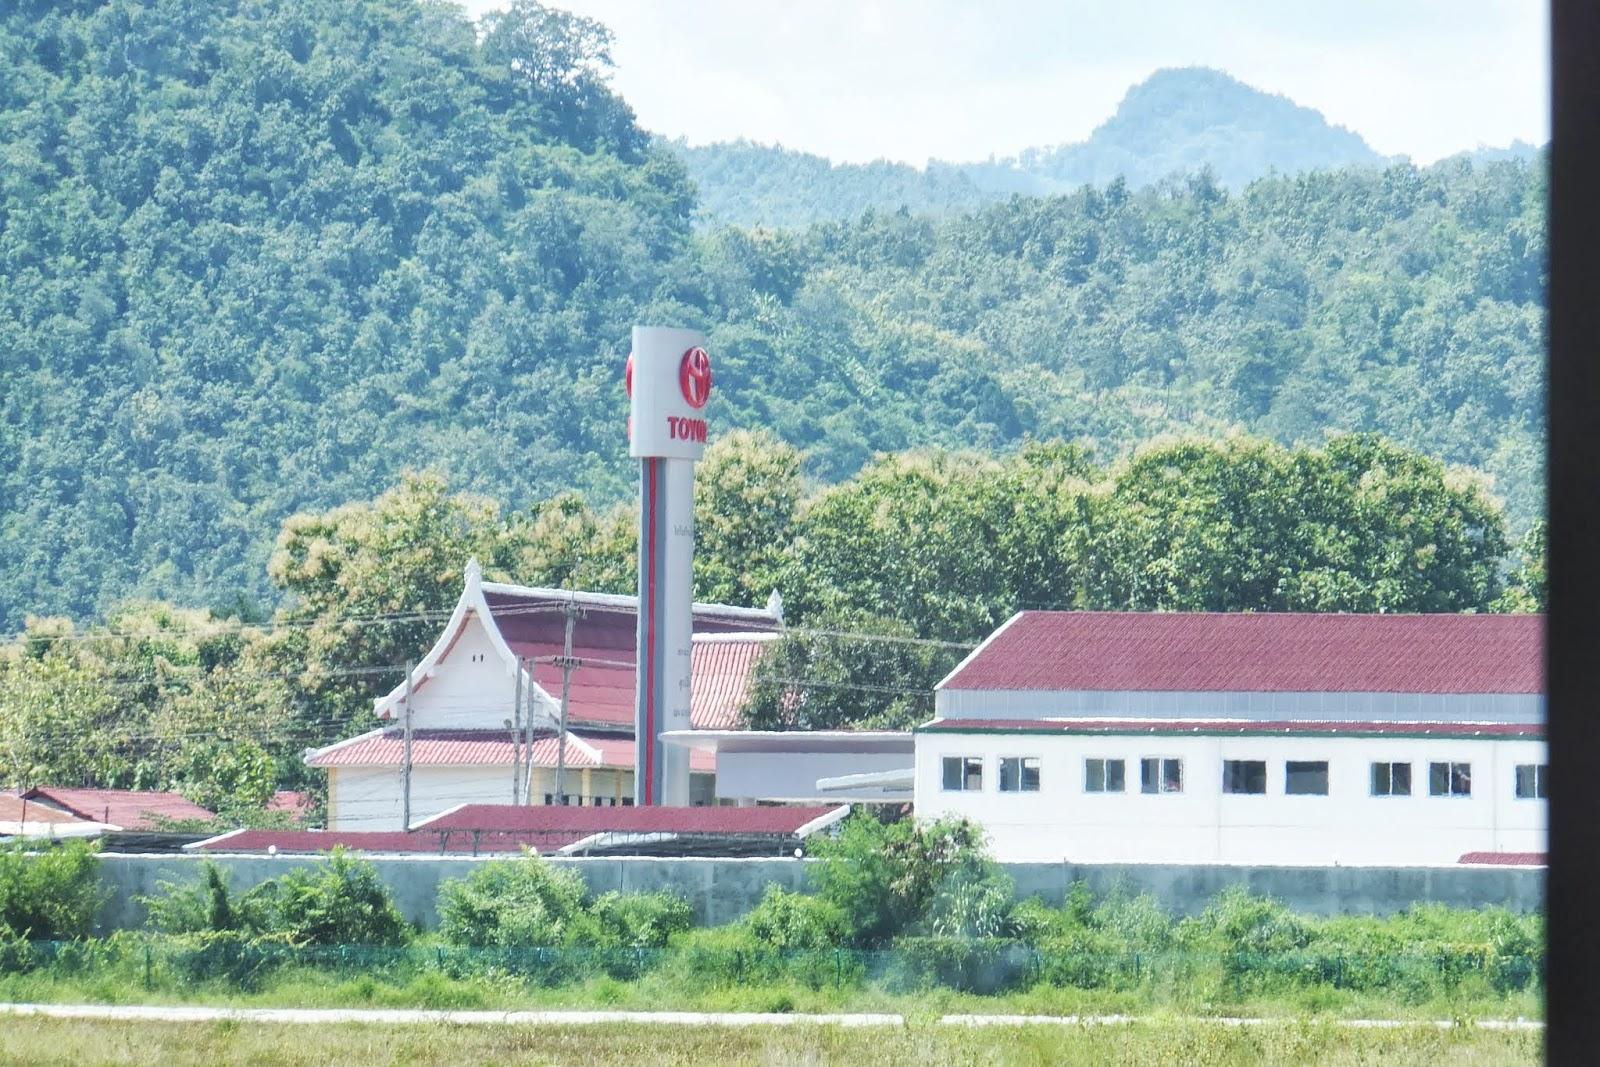 LuangPrabang-Toyota ルアンパバーンのトヨタ